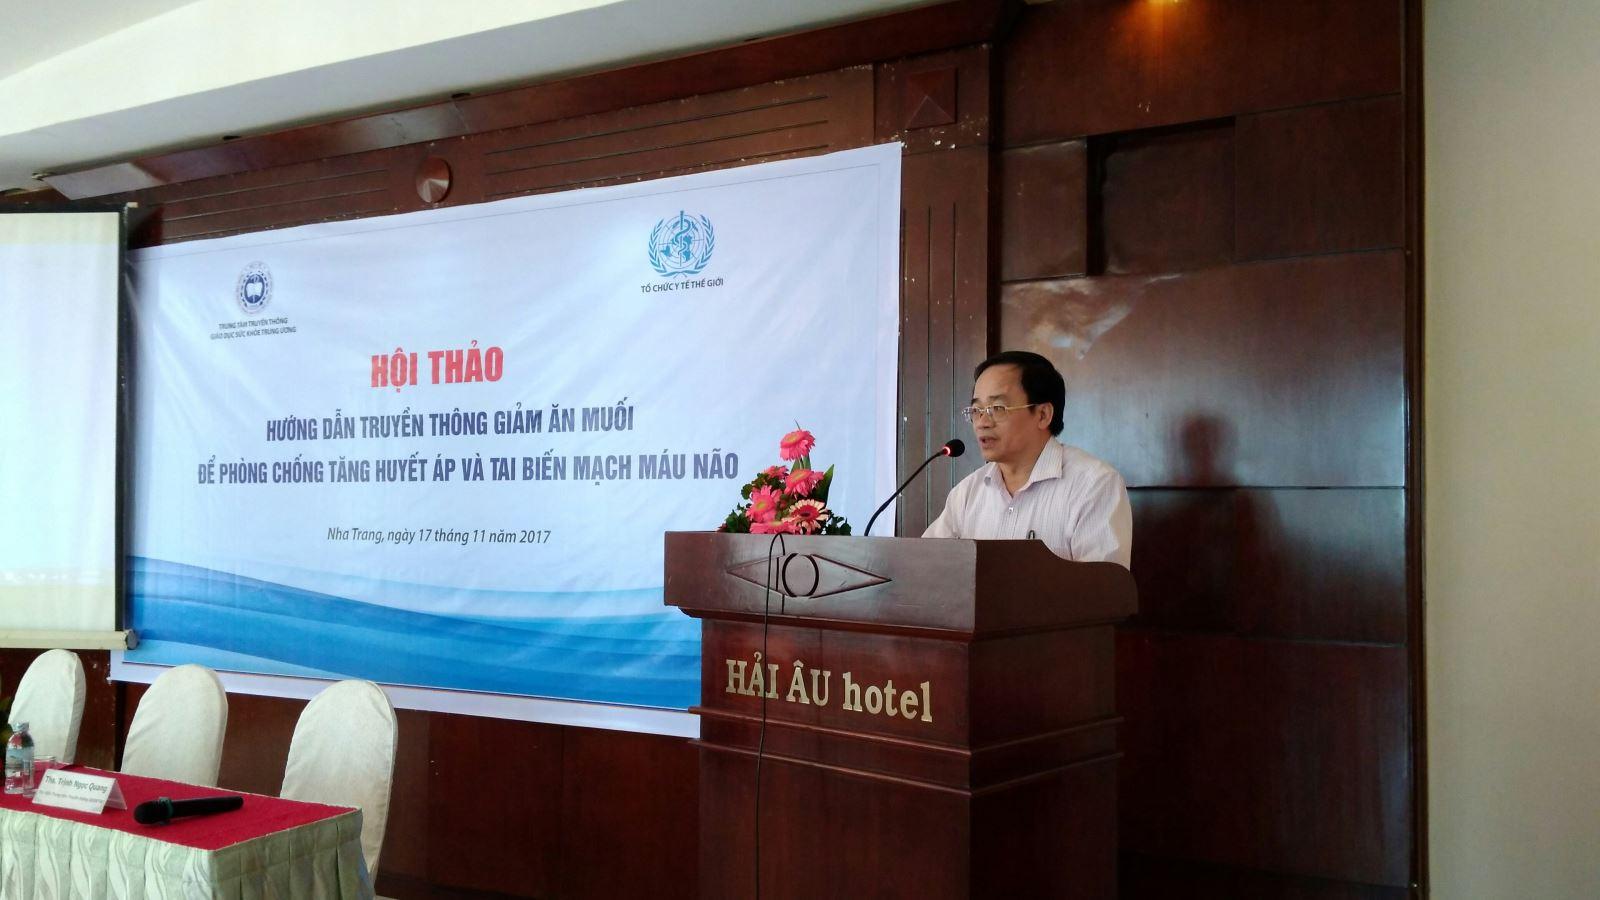 Hội thảo hướng dẫn truyền thông phòng chống tăng huyết áp và phòng chống bệnh lây nhiễm